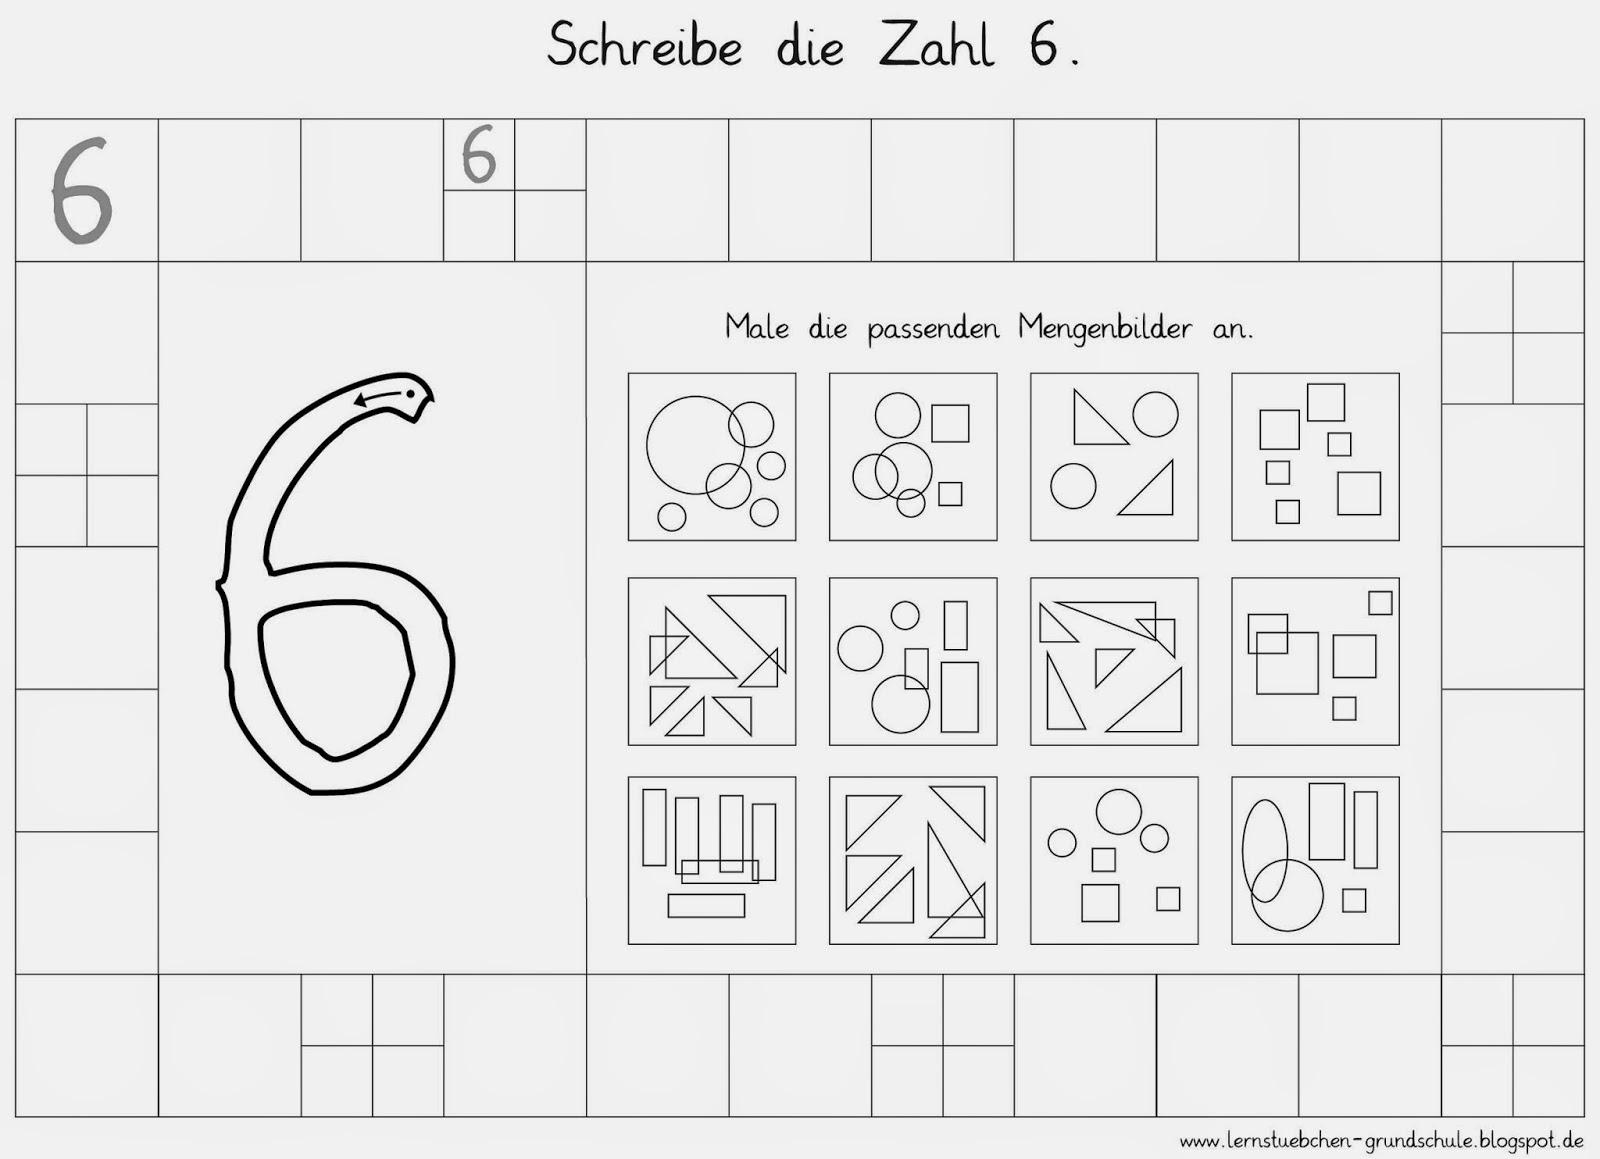 Lernstübchen: Zahlen schreiben - Mengen erkennen (2)